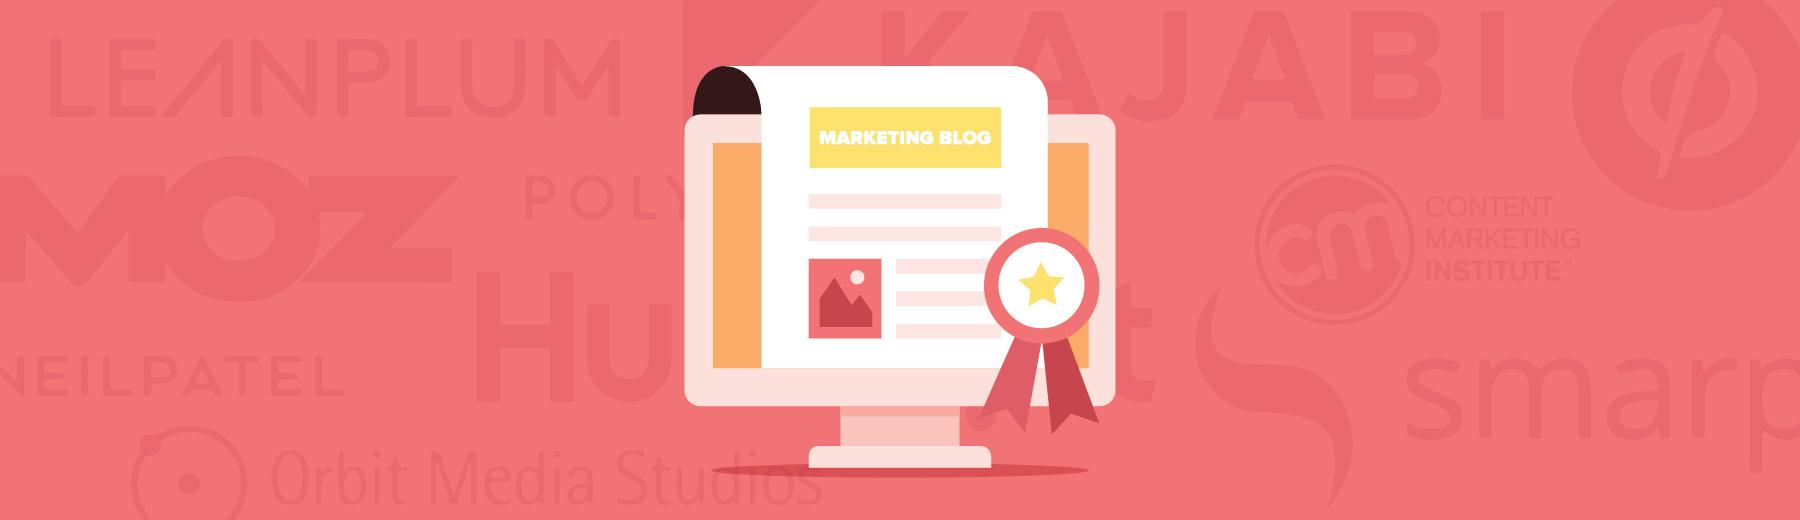 10 best digital marketing blogs to follow | Brafton